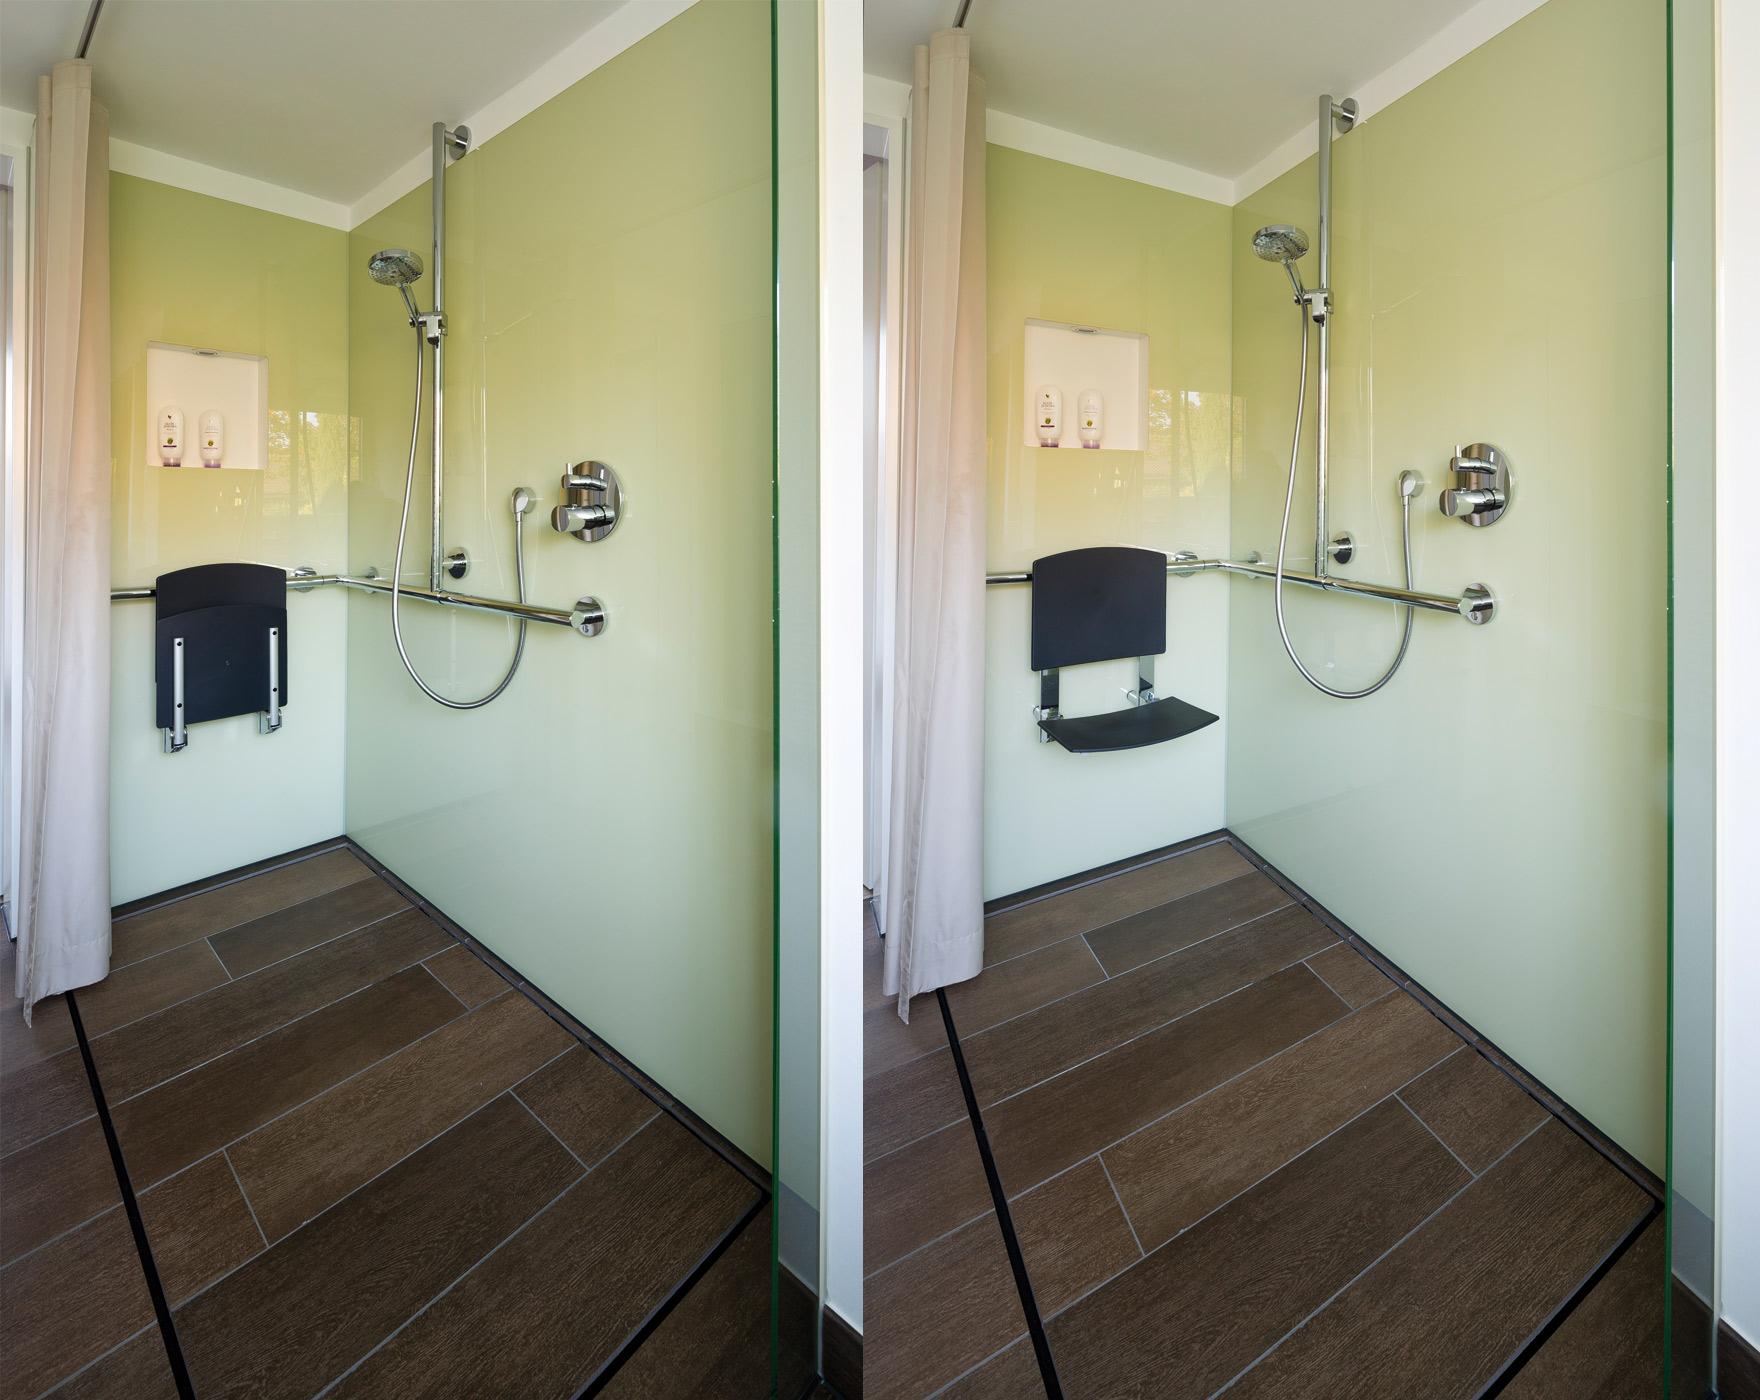 Full Size of Bodengleiche Duschen 10 Top Duschideen Baqua Behindertengerechte Dusche Badewanne Mischbatterie Unterputz Armatur Haltegriff Mit Glastür Breuer Einbauen Dusche Behindertengerechte Dusche